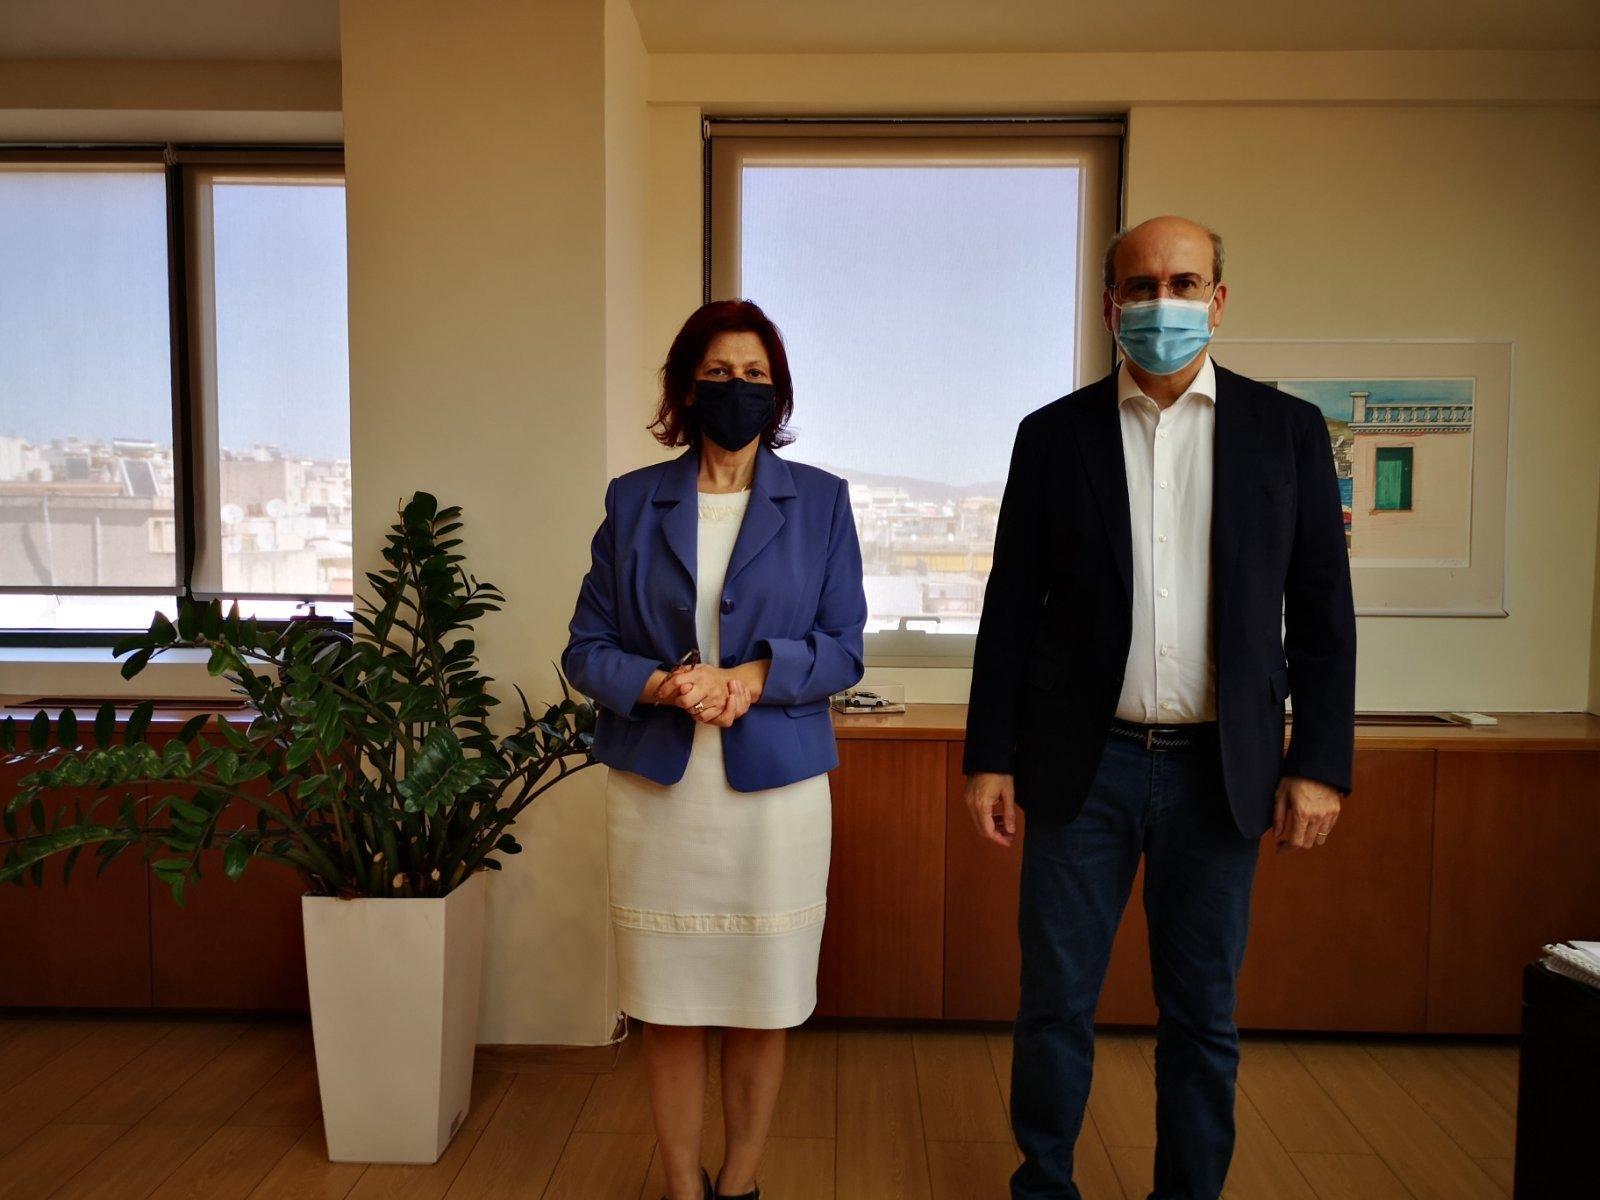 Το Υπουργείο Περιβάλλοντος και Ενέργειας (ΥΠΕΝ) επισκέφθηκε, σήμερα Τρίτη 29 Σεπτεμβρίου, η Βουλευτής Ν. Κοζάνης Παρασκευή Βρυζίδου.